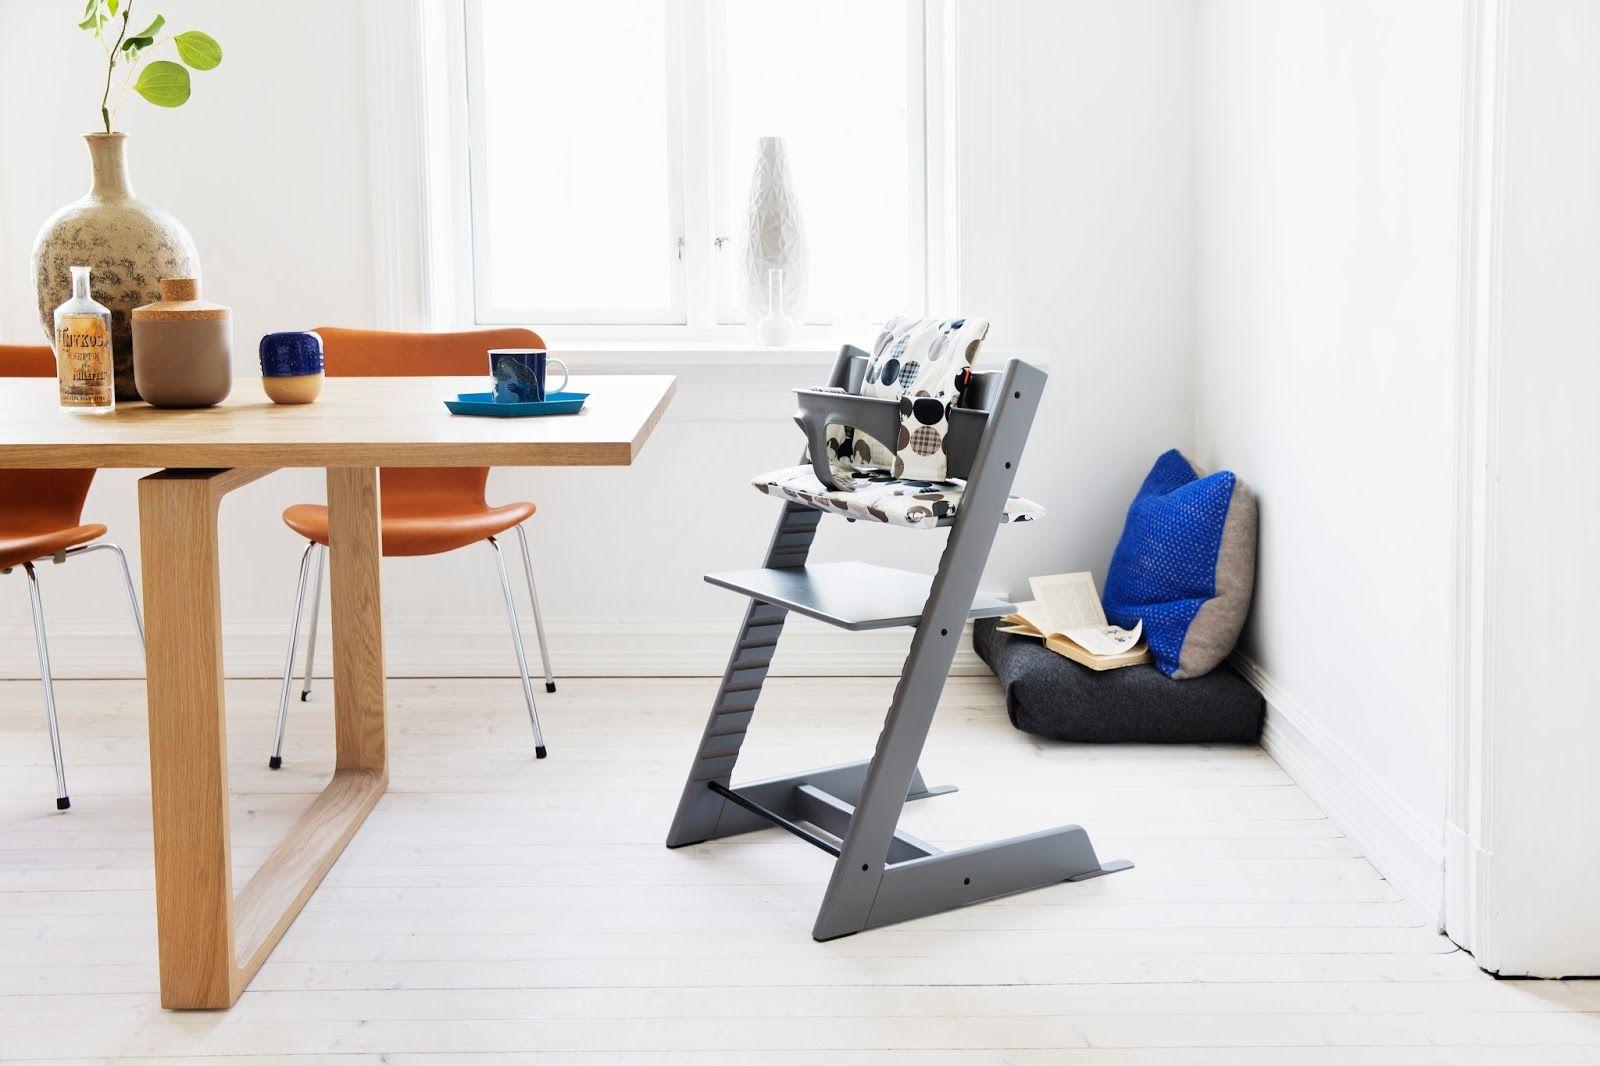 Пластиковый стул с «защитой» для младенца и мягким накладным сидением